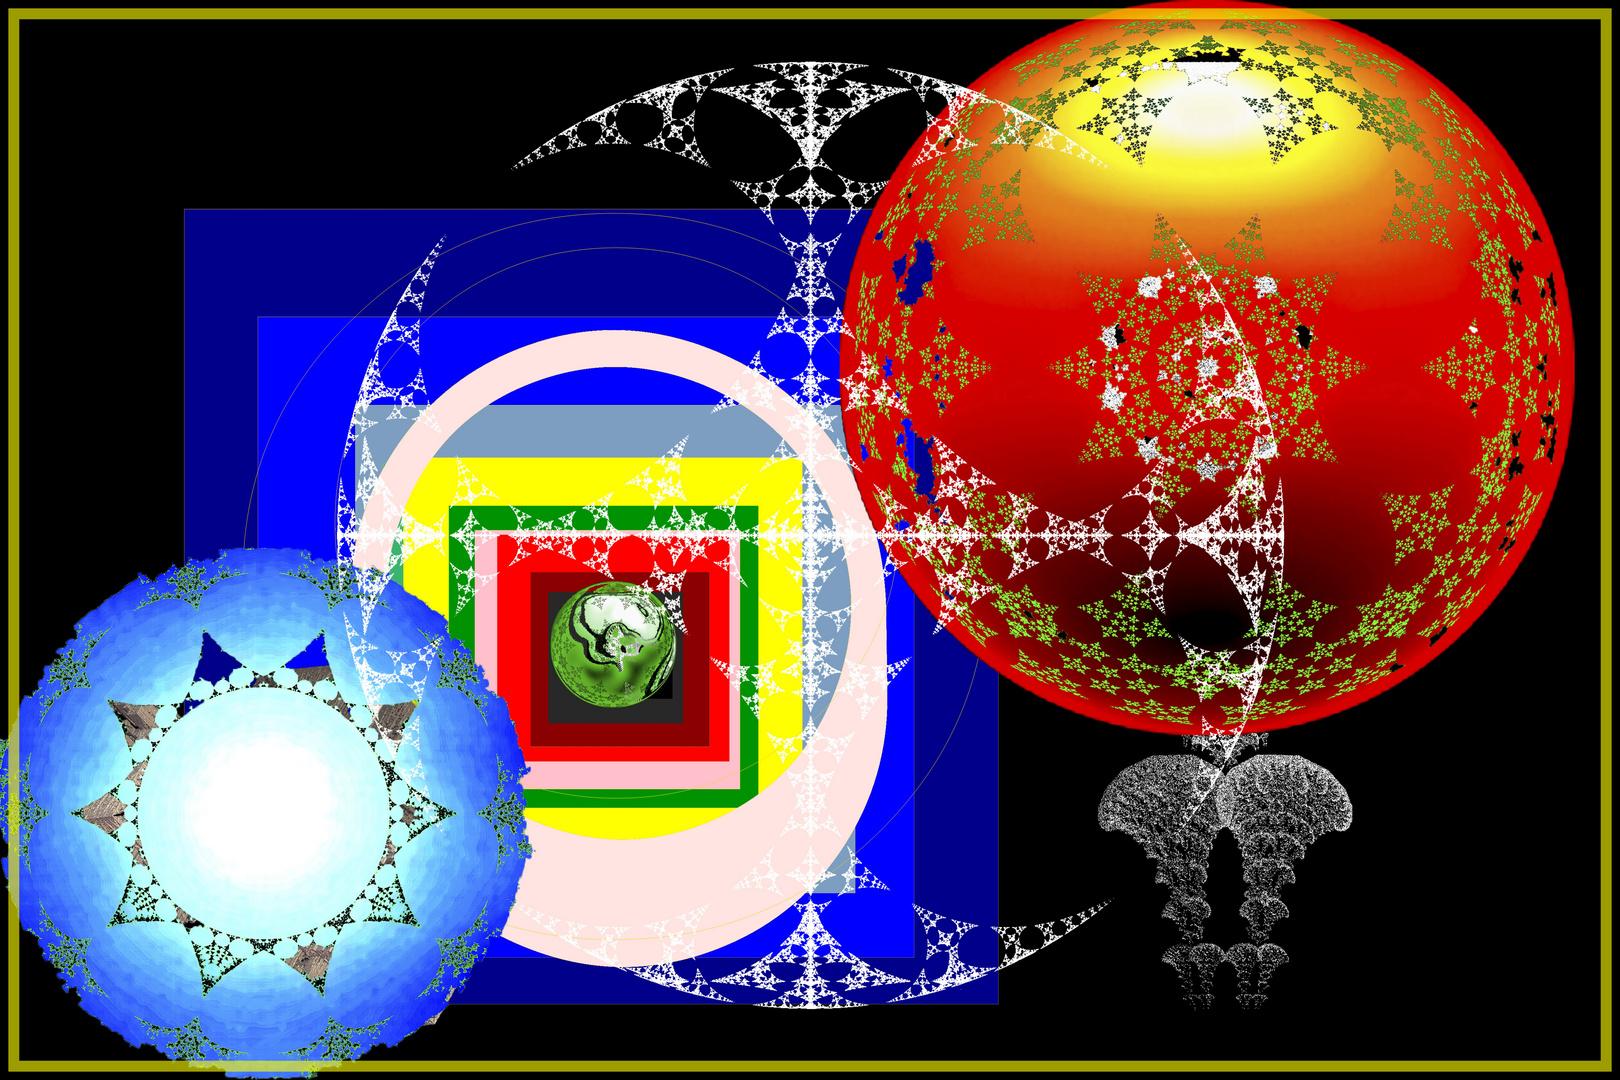 Der Klang der Farben und Formen